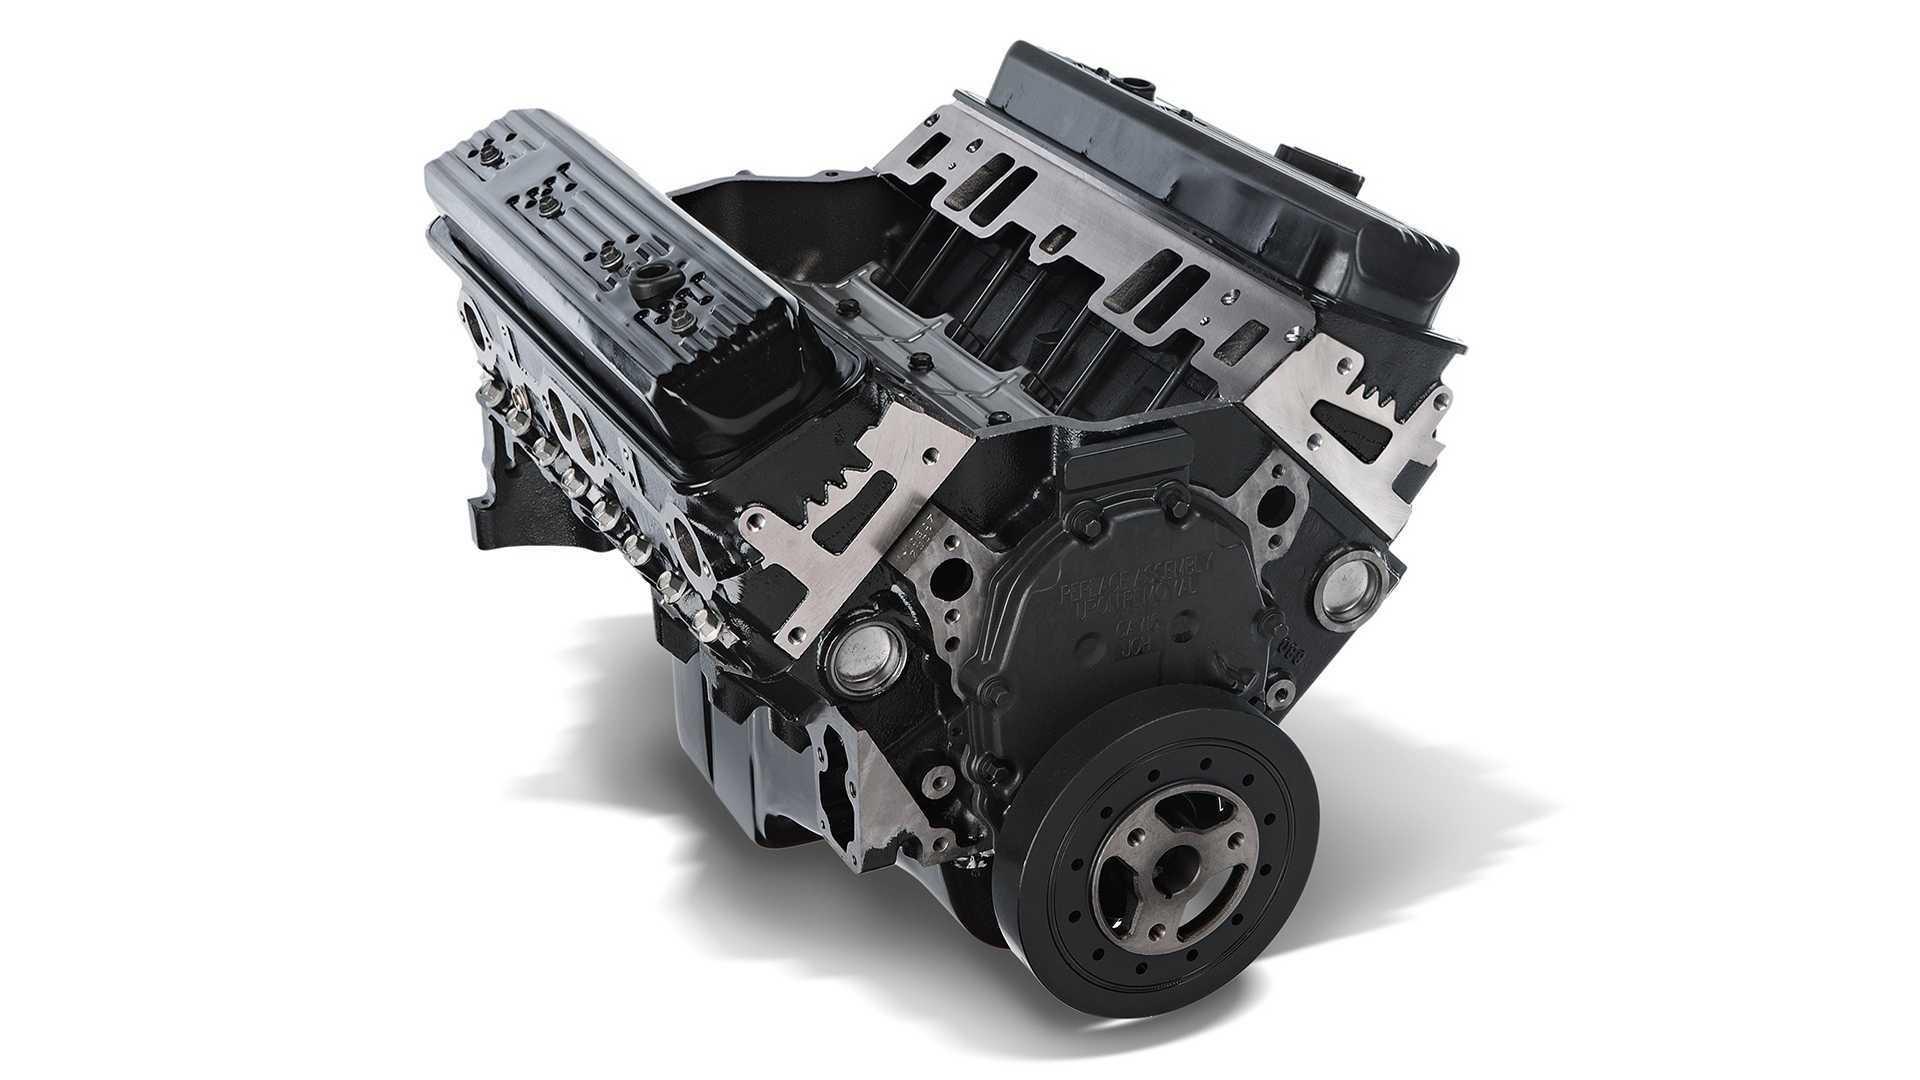 General Motors выпустил новый мотор V8 для старых моделей